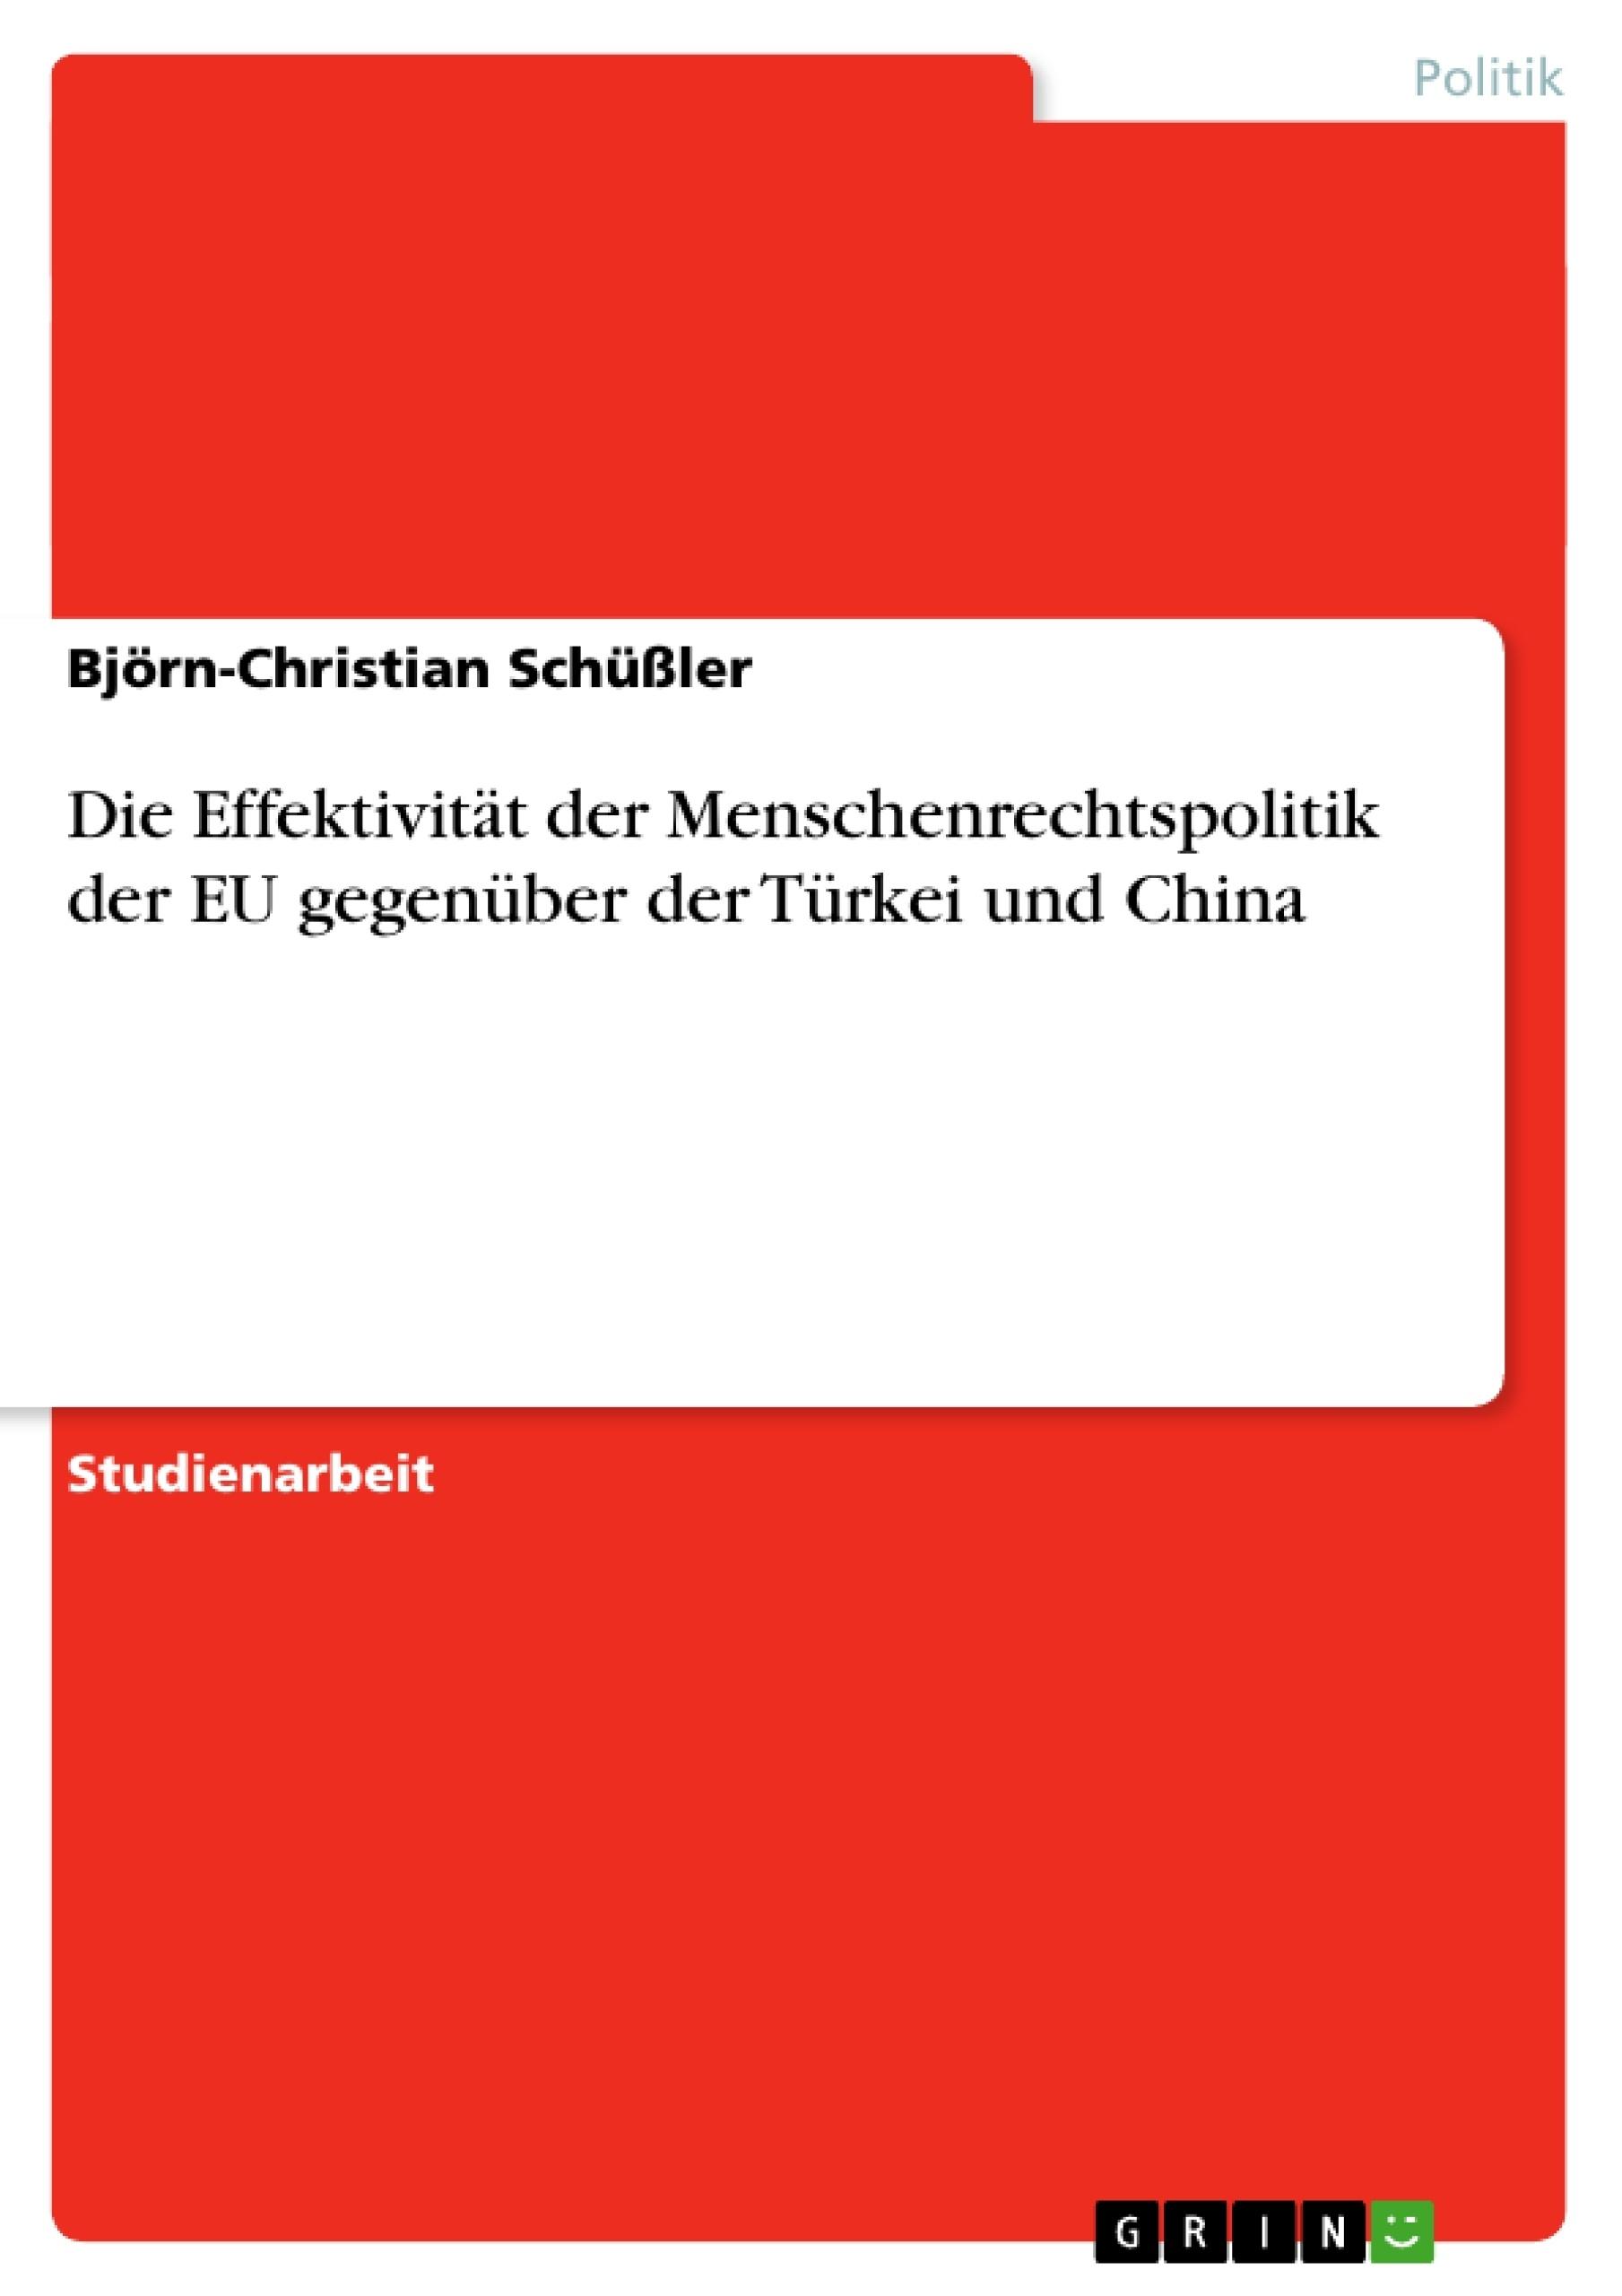 Titel: Die Effektivität der Menschenrechtspolitik der EU gegenüber der Türkei und China